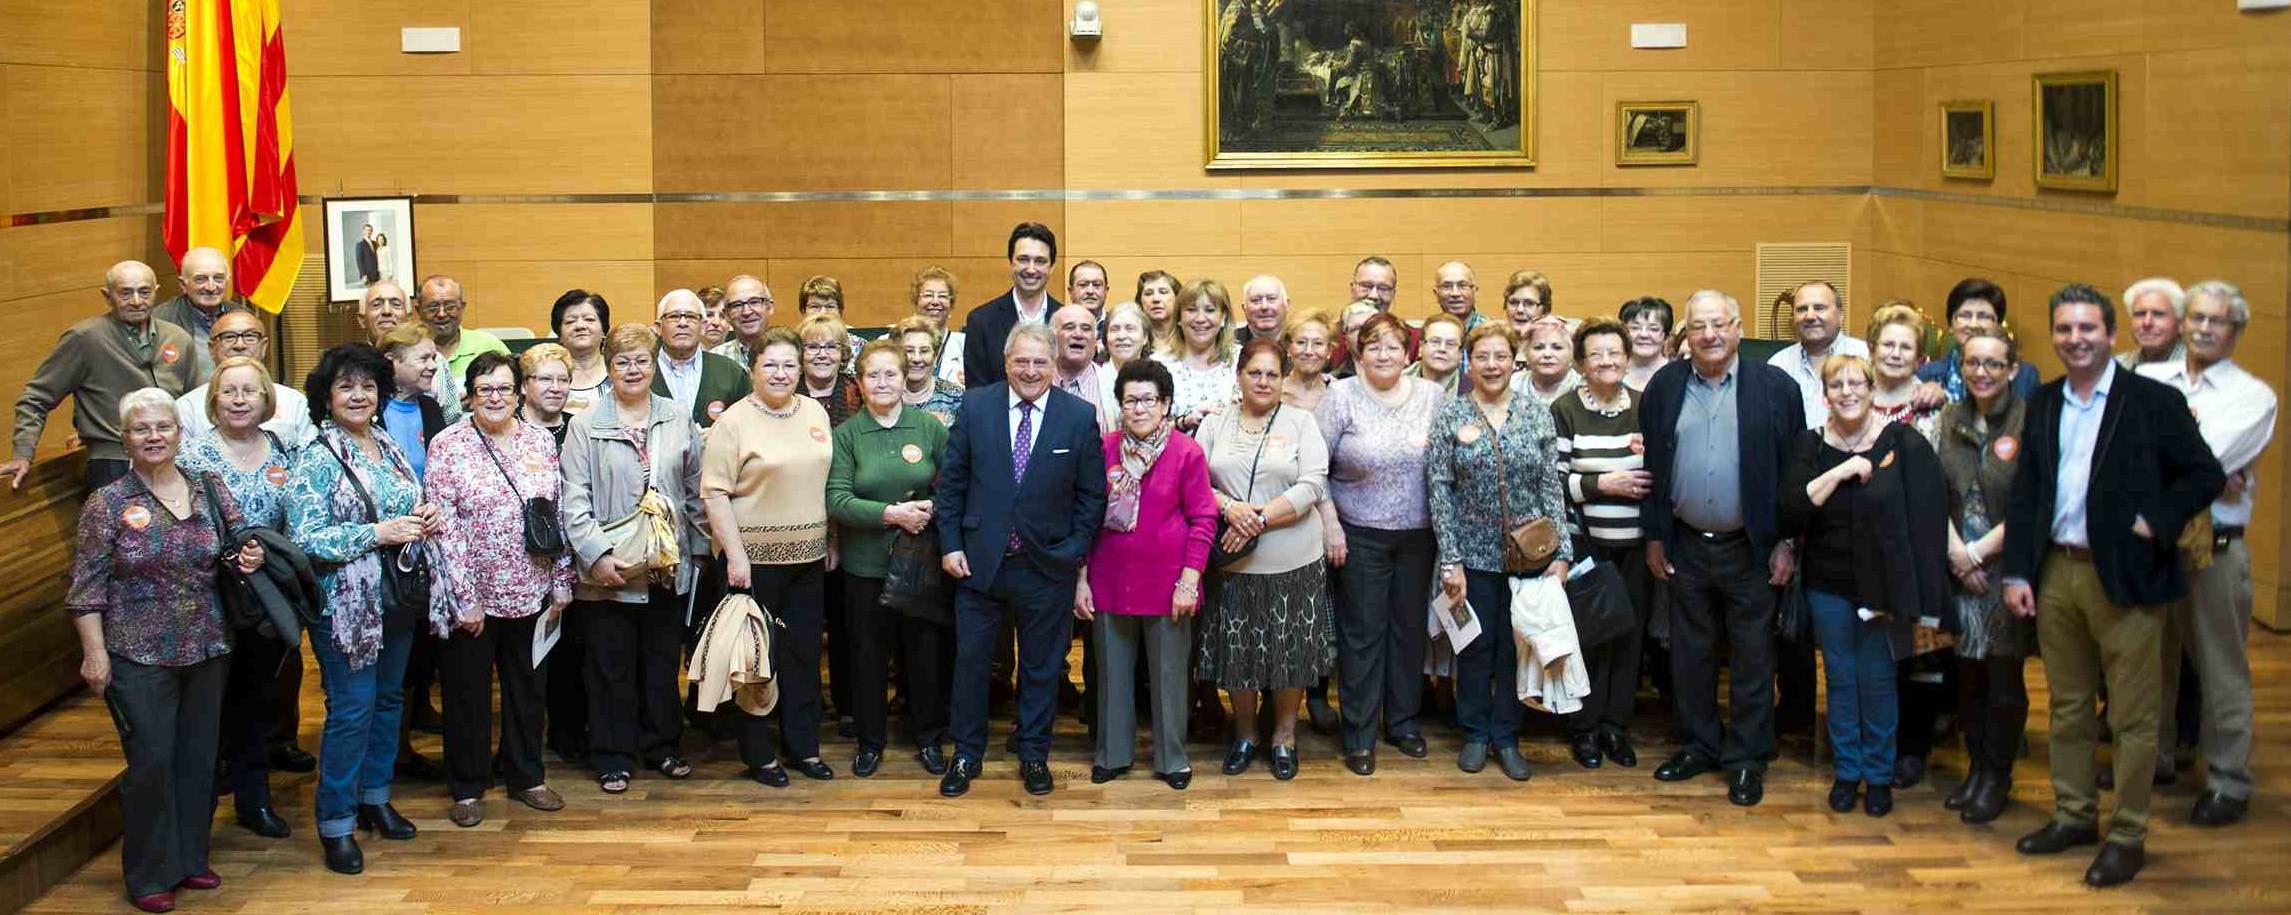 Delegación de Vilamarxant junto al presidente Rus. tc.c